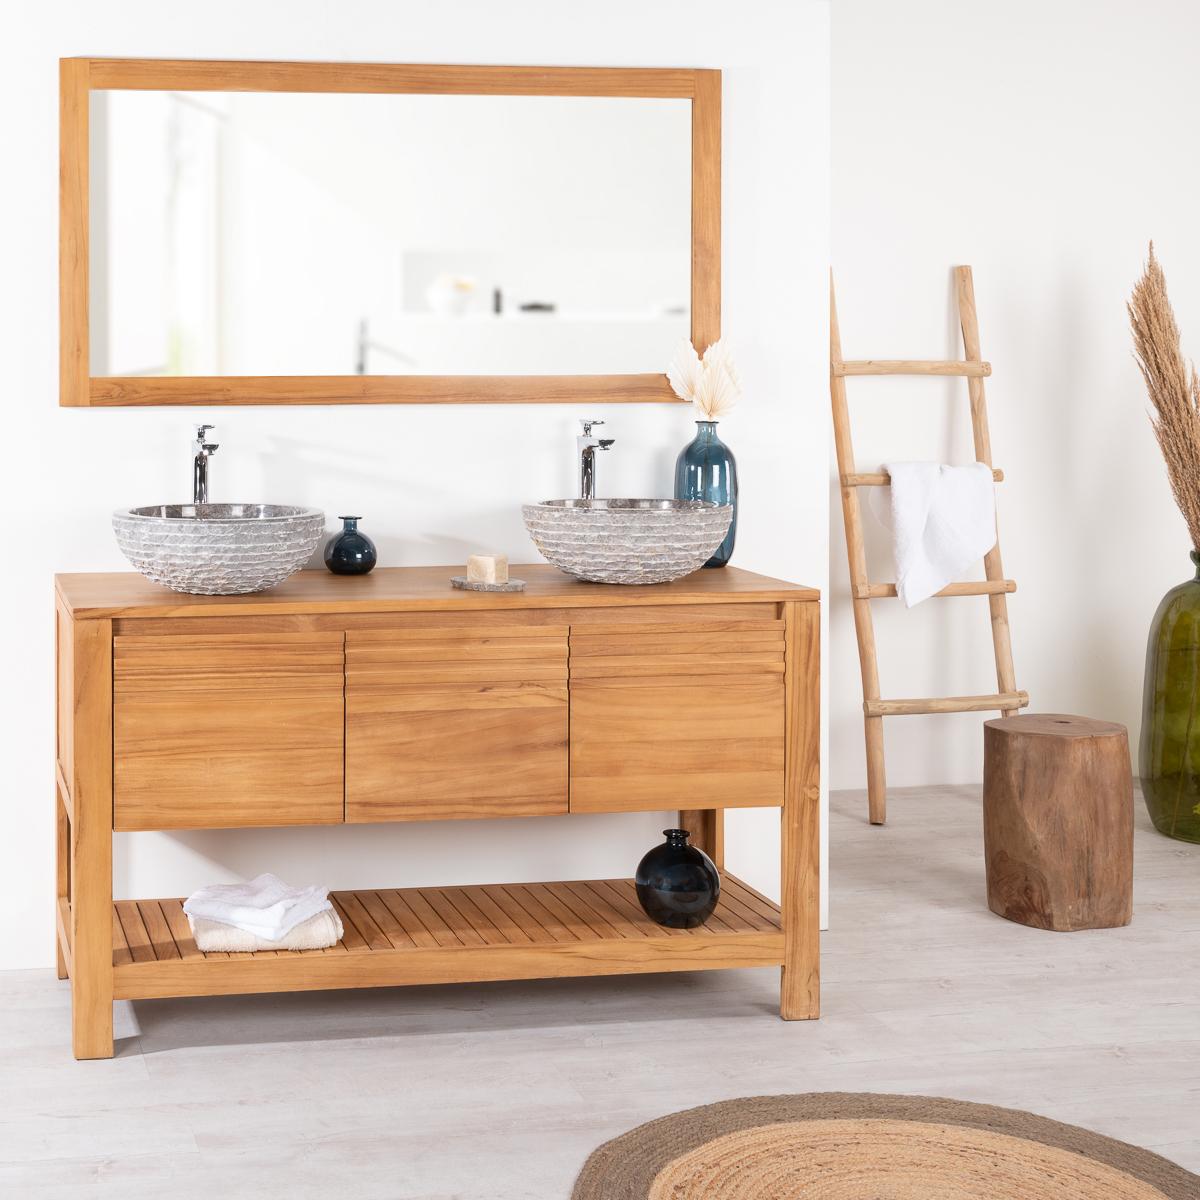 Miroir rectangle en teck massif 140x70 - Miroir teck salle de bain ...